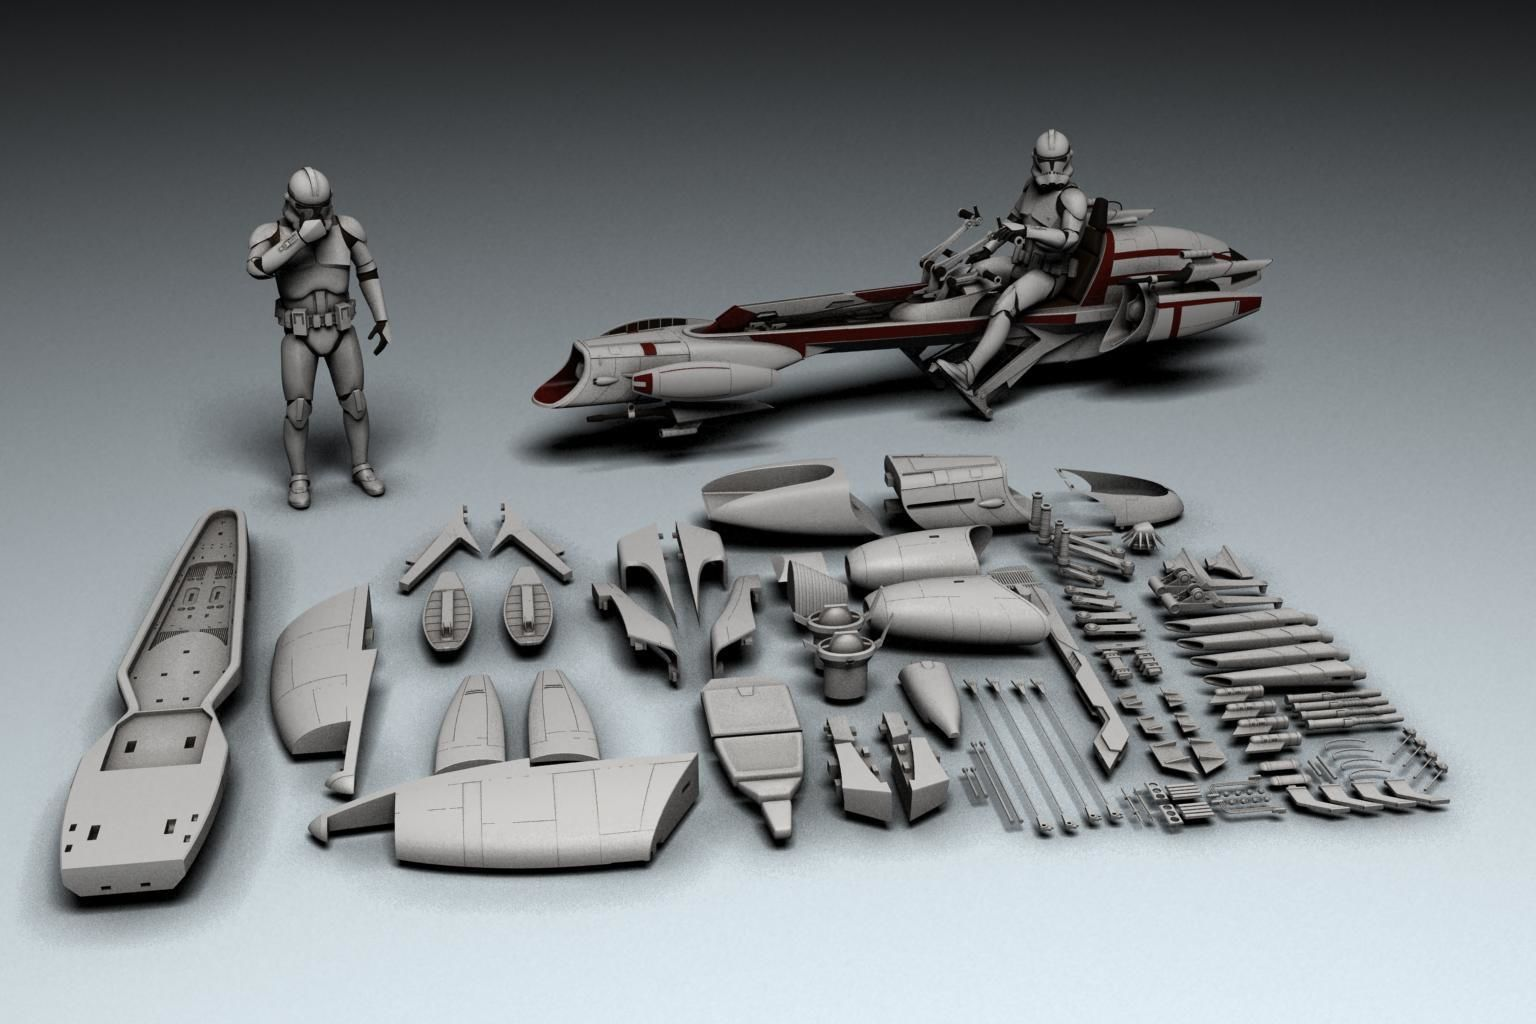 Star Wars BARC Speeder